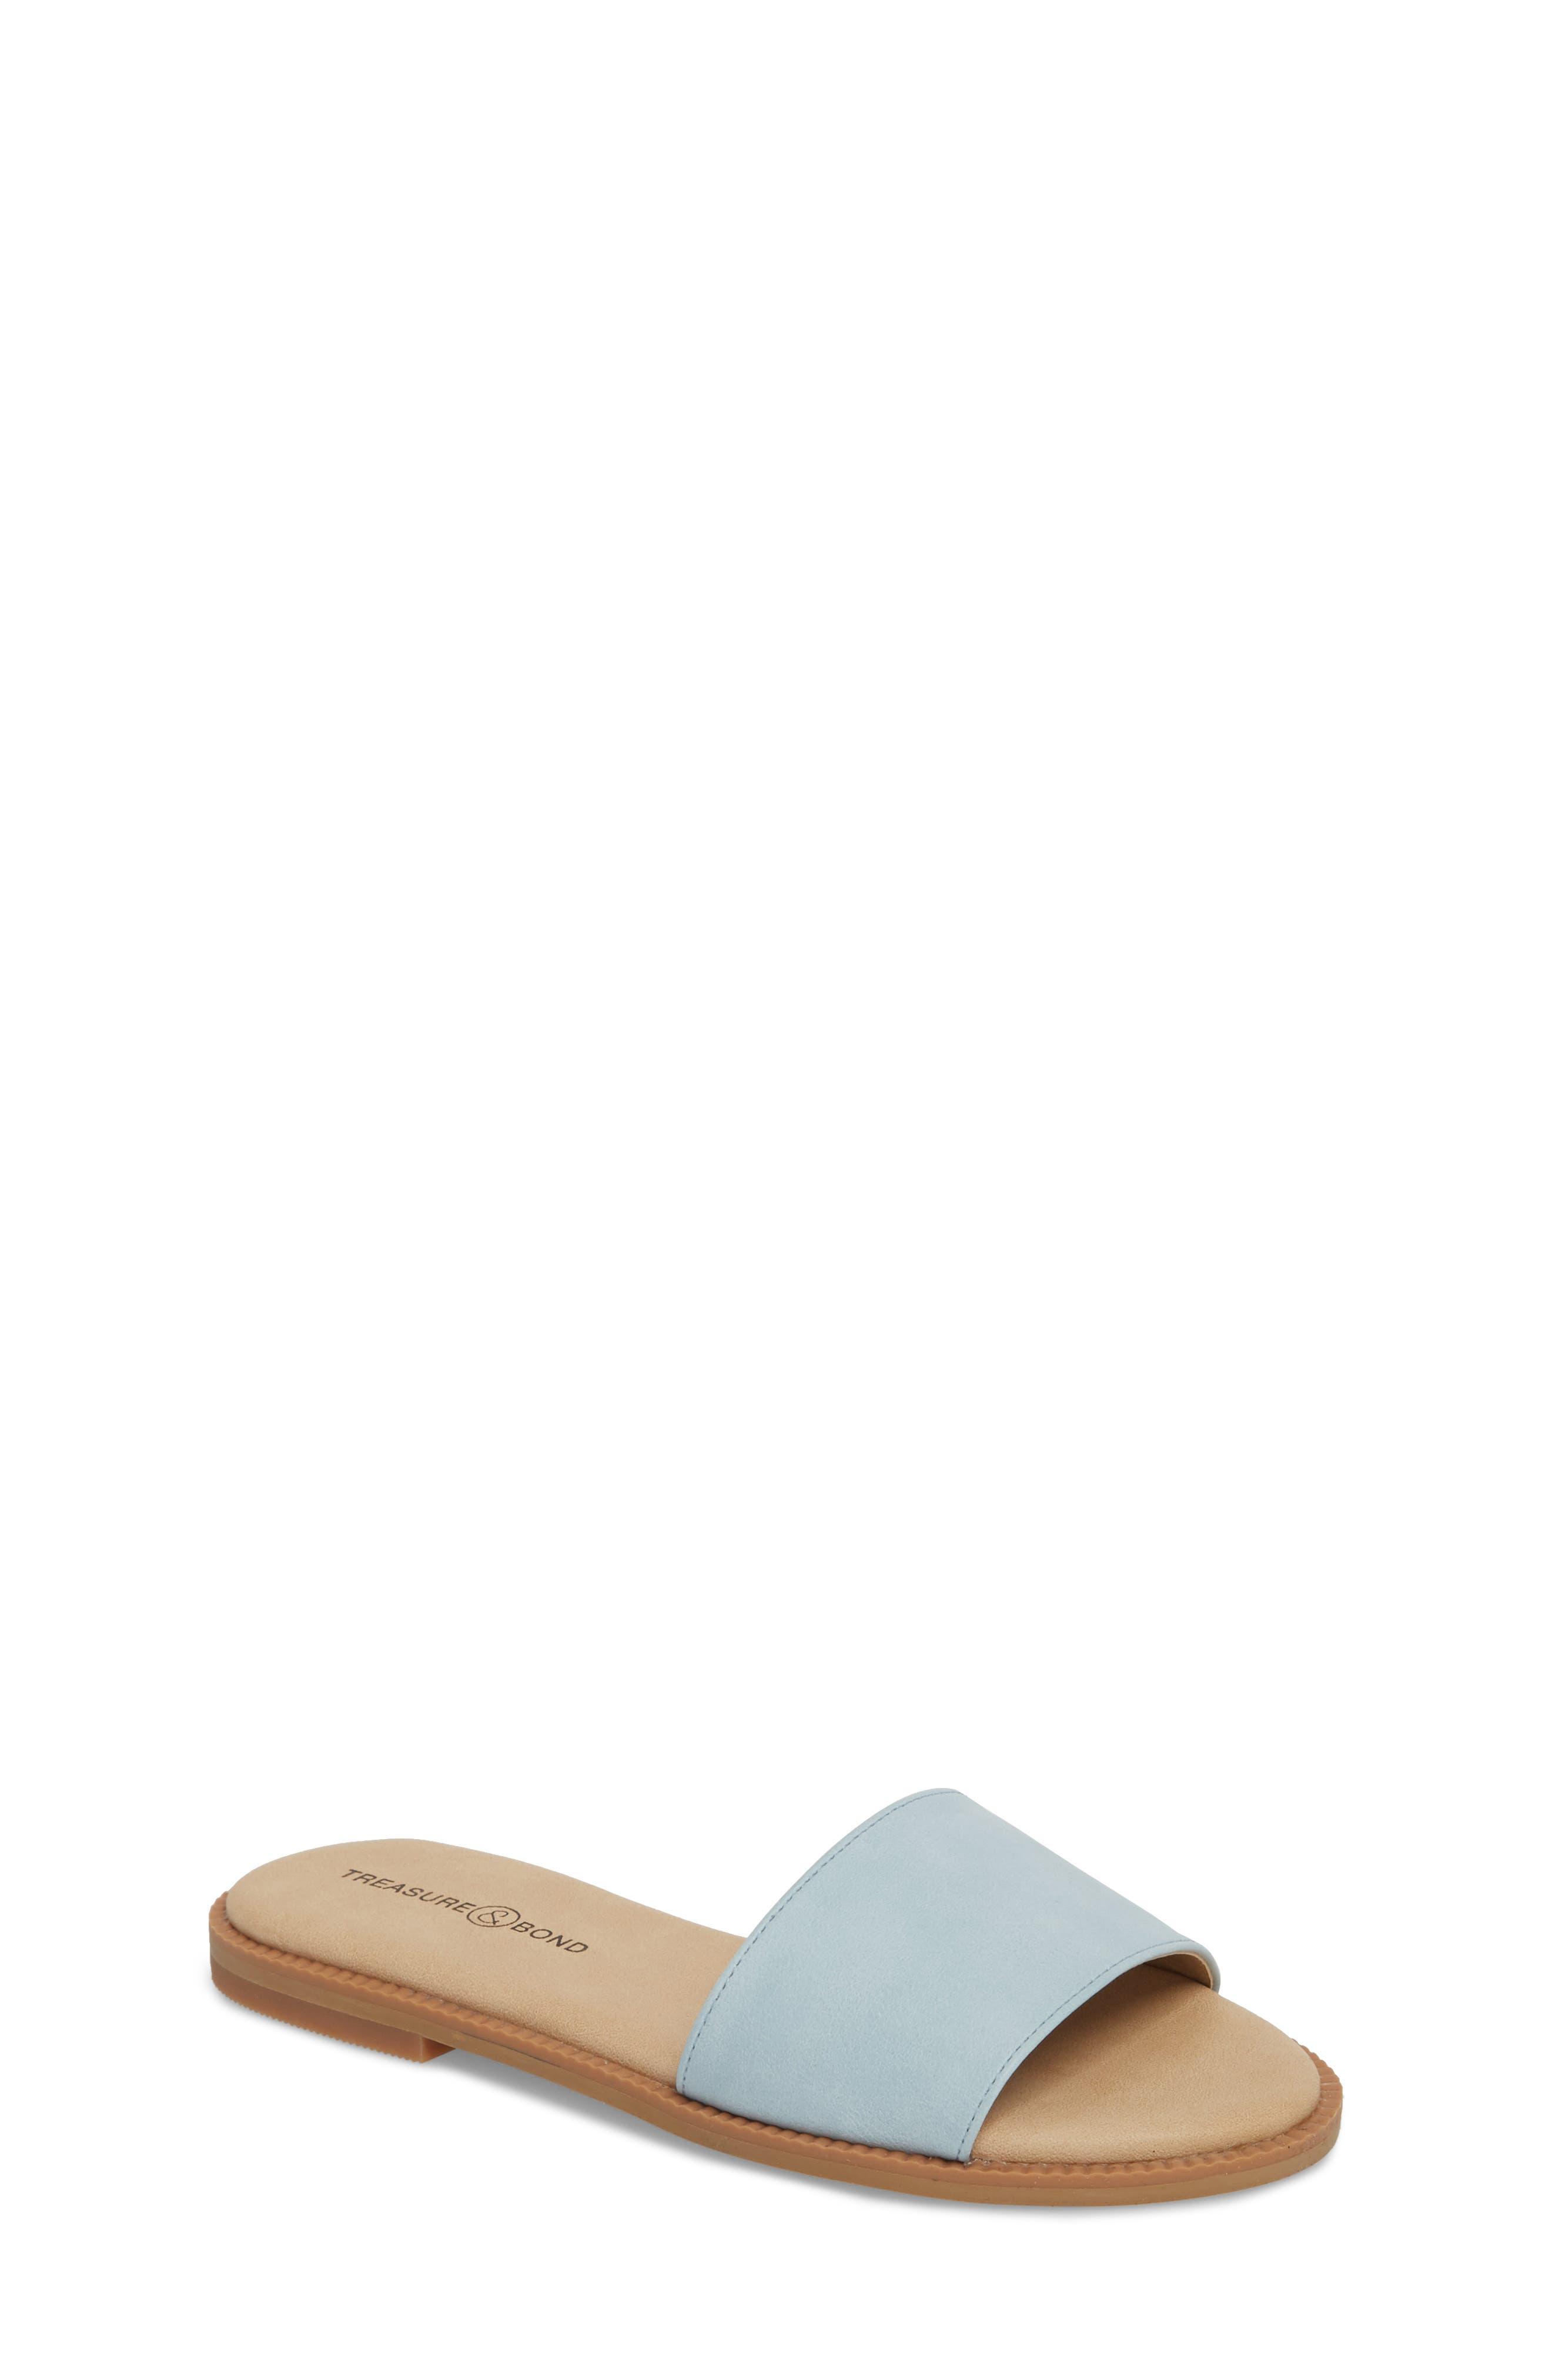 Mia Slide Sandal,                         Main,                         color, Aqua Faux Leather